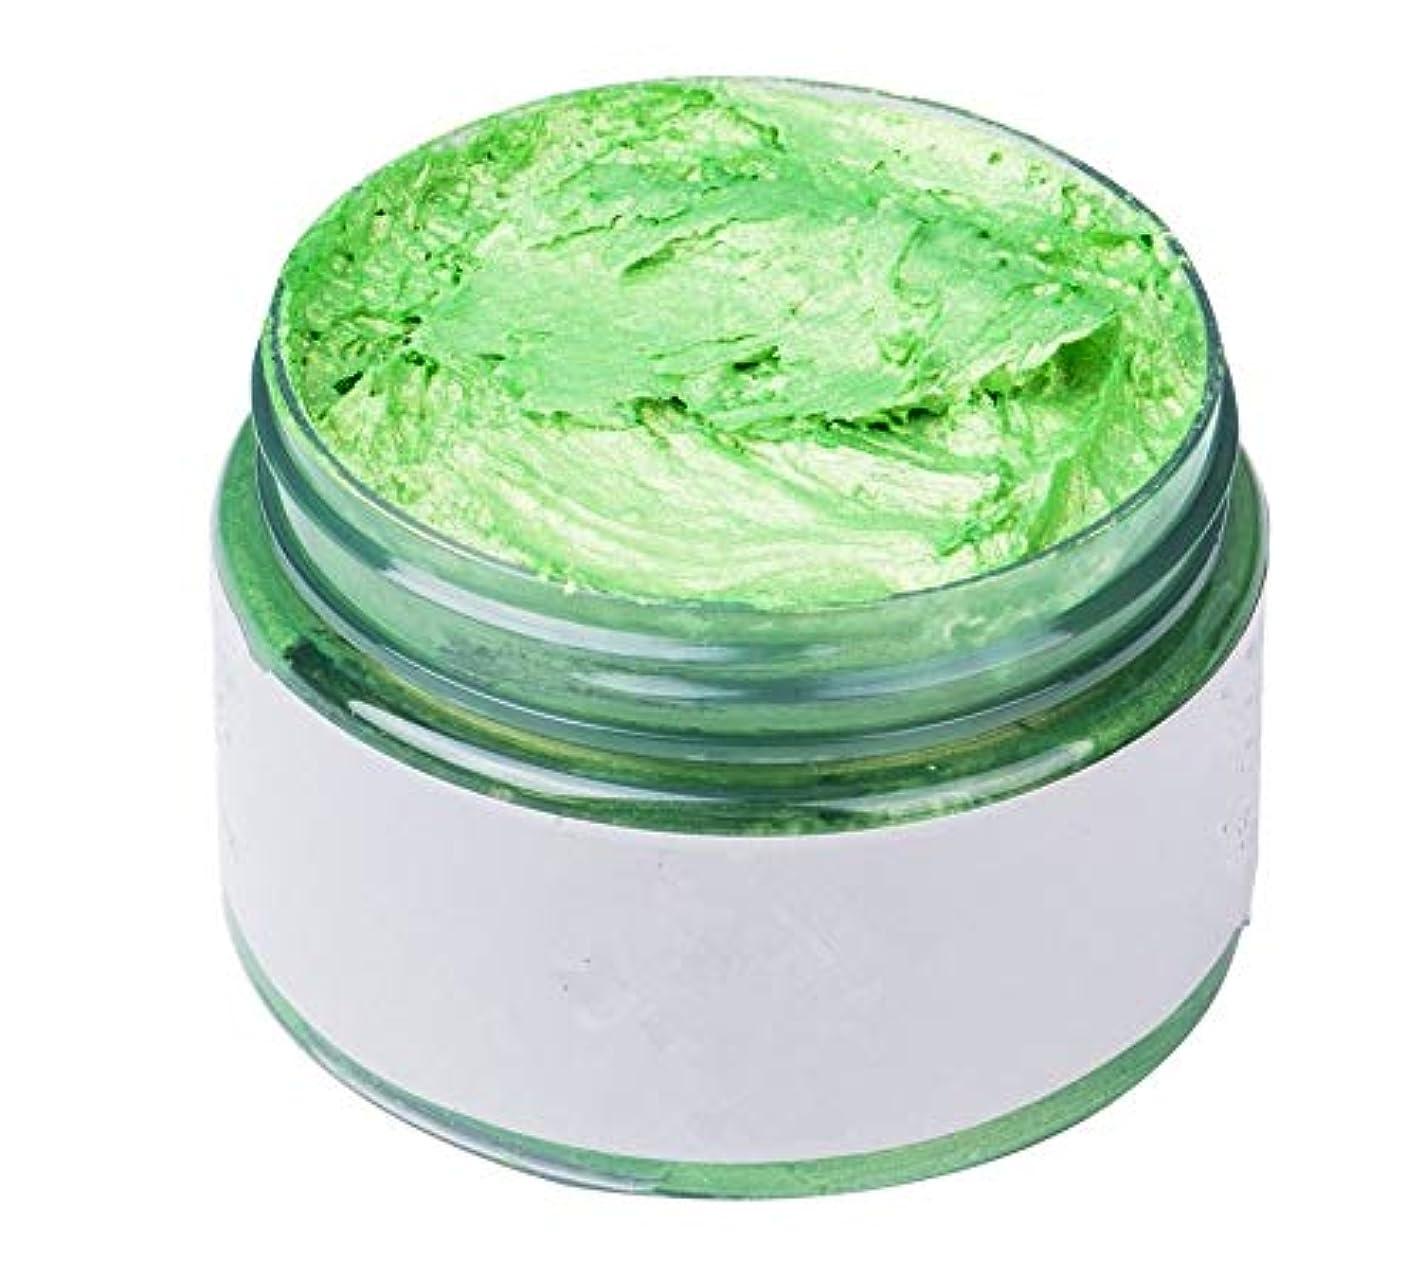 貴重な控えめな憂慮すべきカルドール ワックス カラーバター ワンタイムヘアカラーの泥 ヘアクリーム 120g カラーリング ヘアトリートメント 全7色 (グリーン)